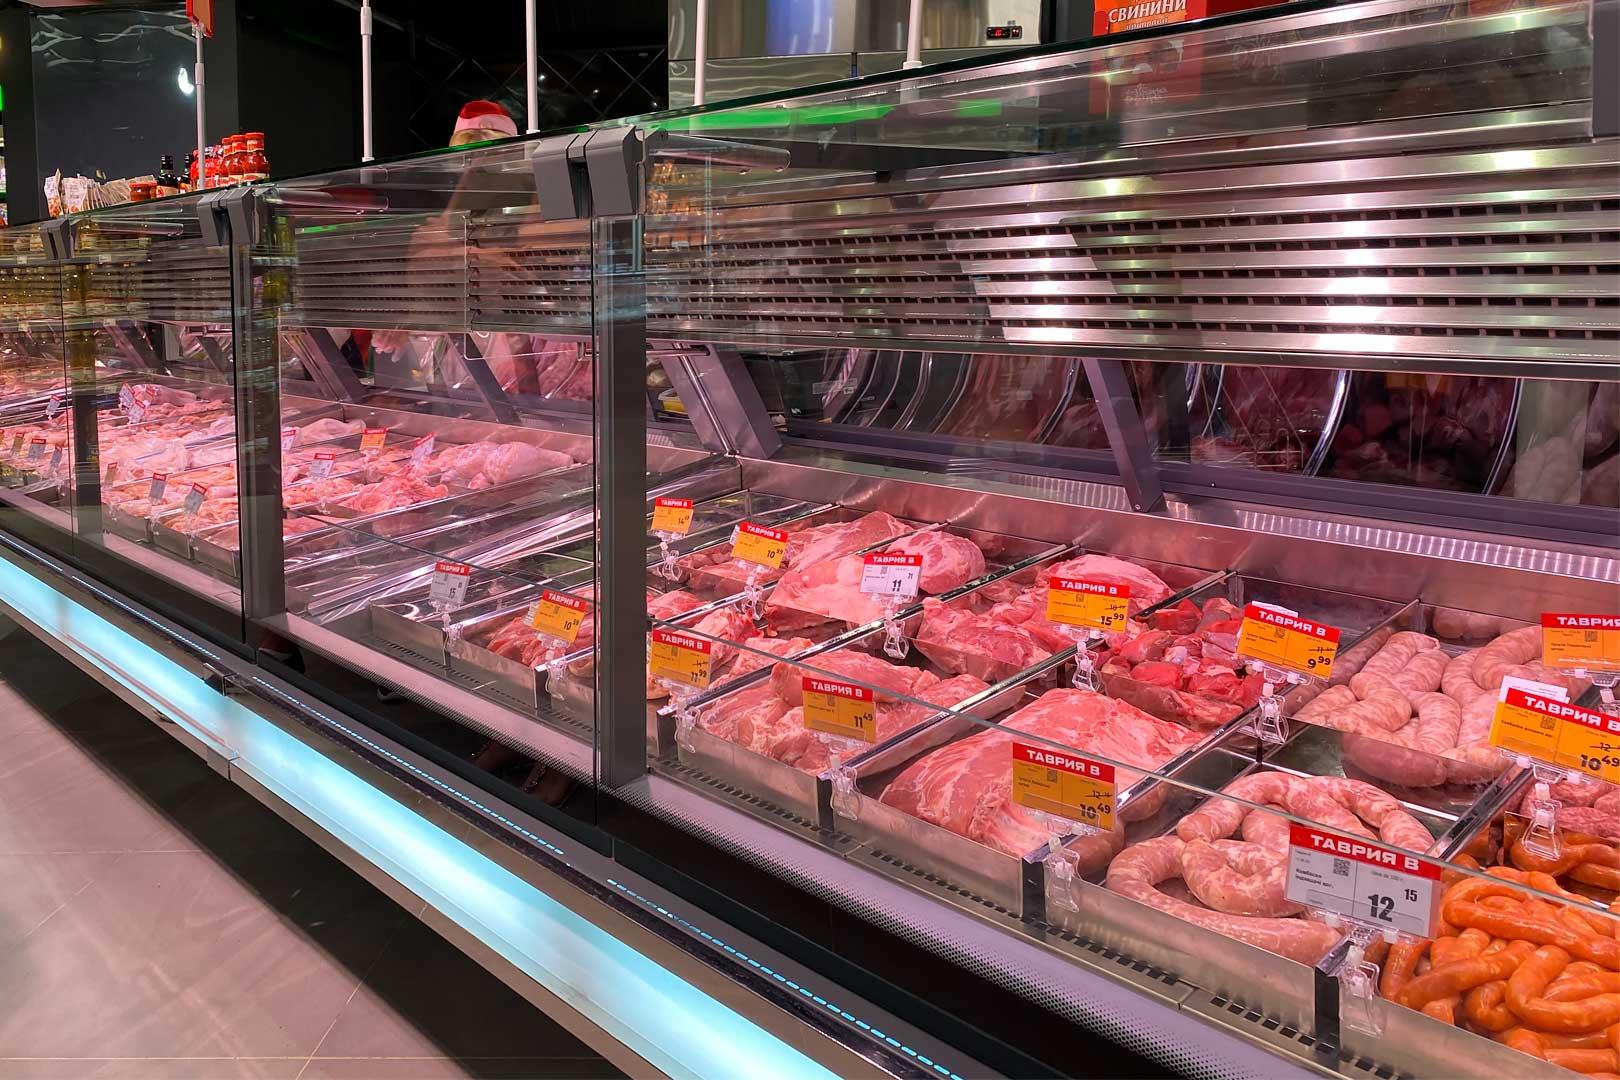 Lady chłodnicze przeznaczone do sprzedaży mięsa Missouri cold diamond MC 115 meat PS 121-SLM